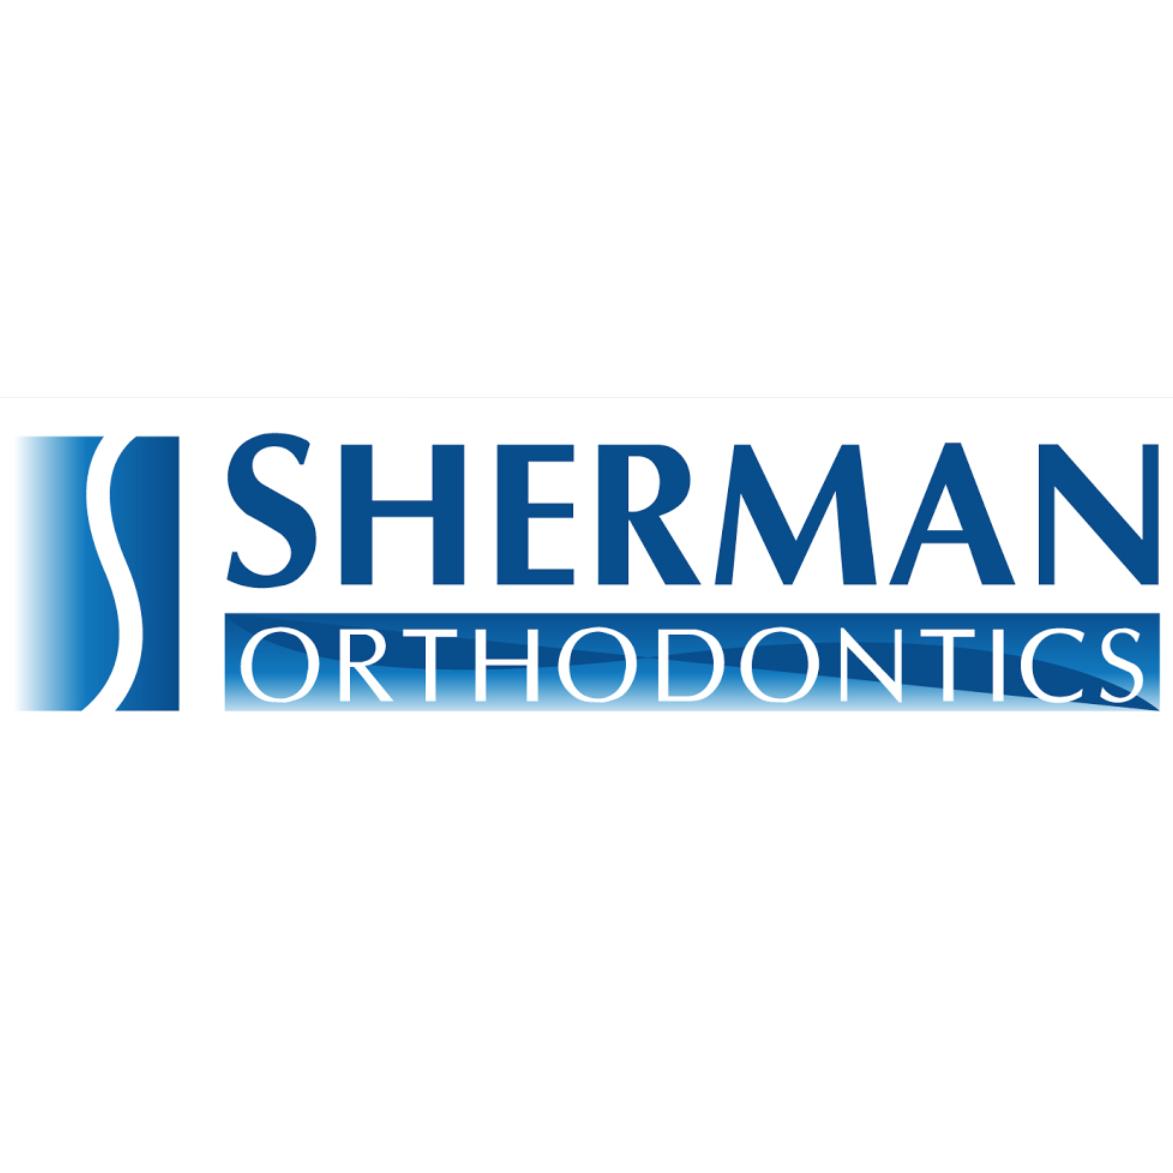 Sherman Orthodontics NYC - New York, NY 10028 - (646)370-3768 | ShowMeLocal.com